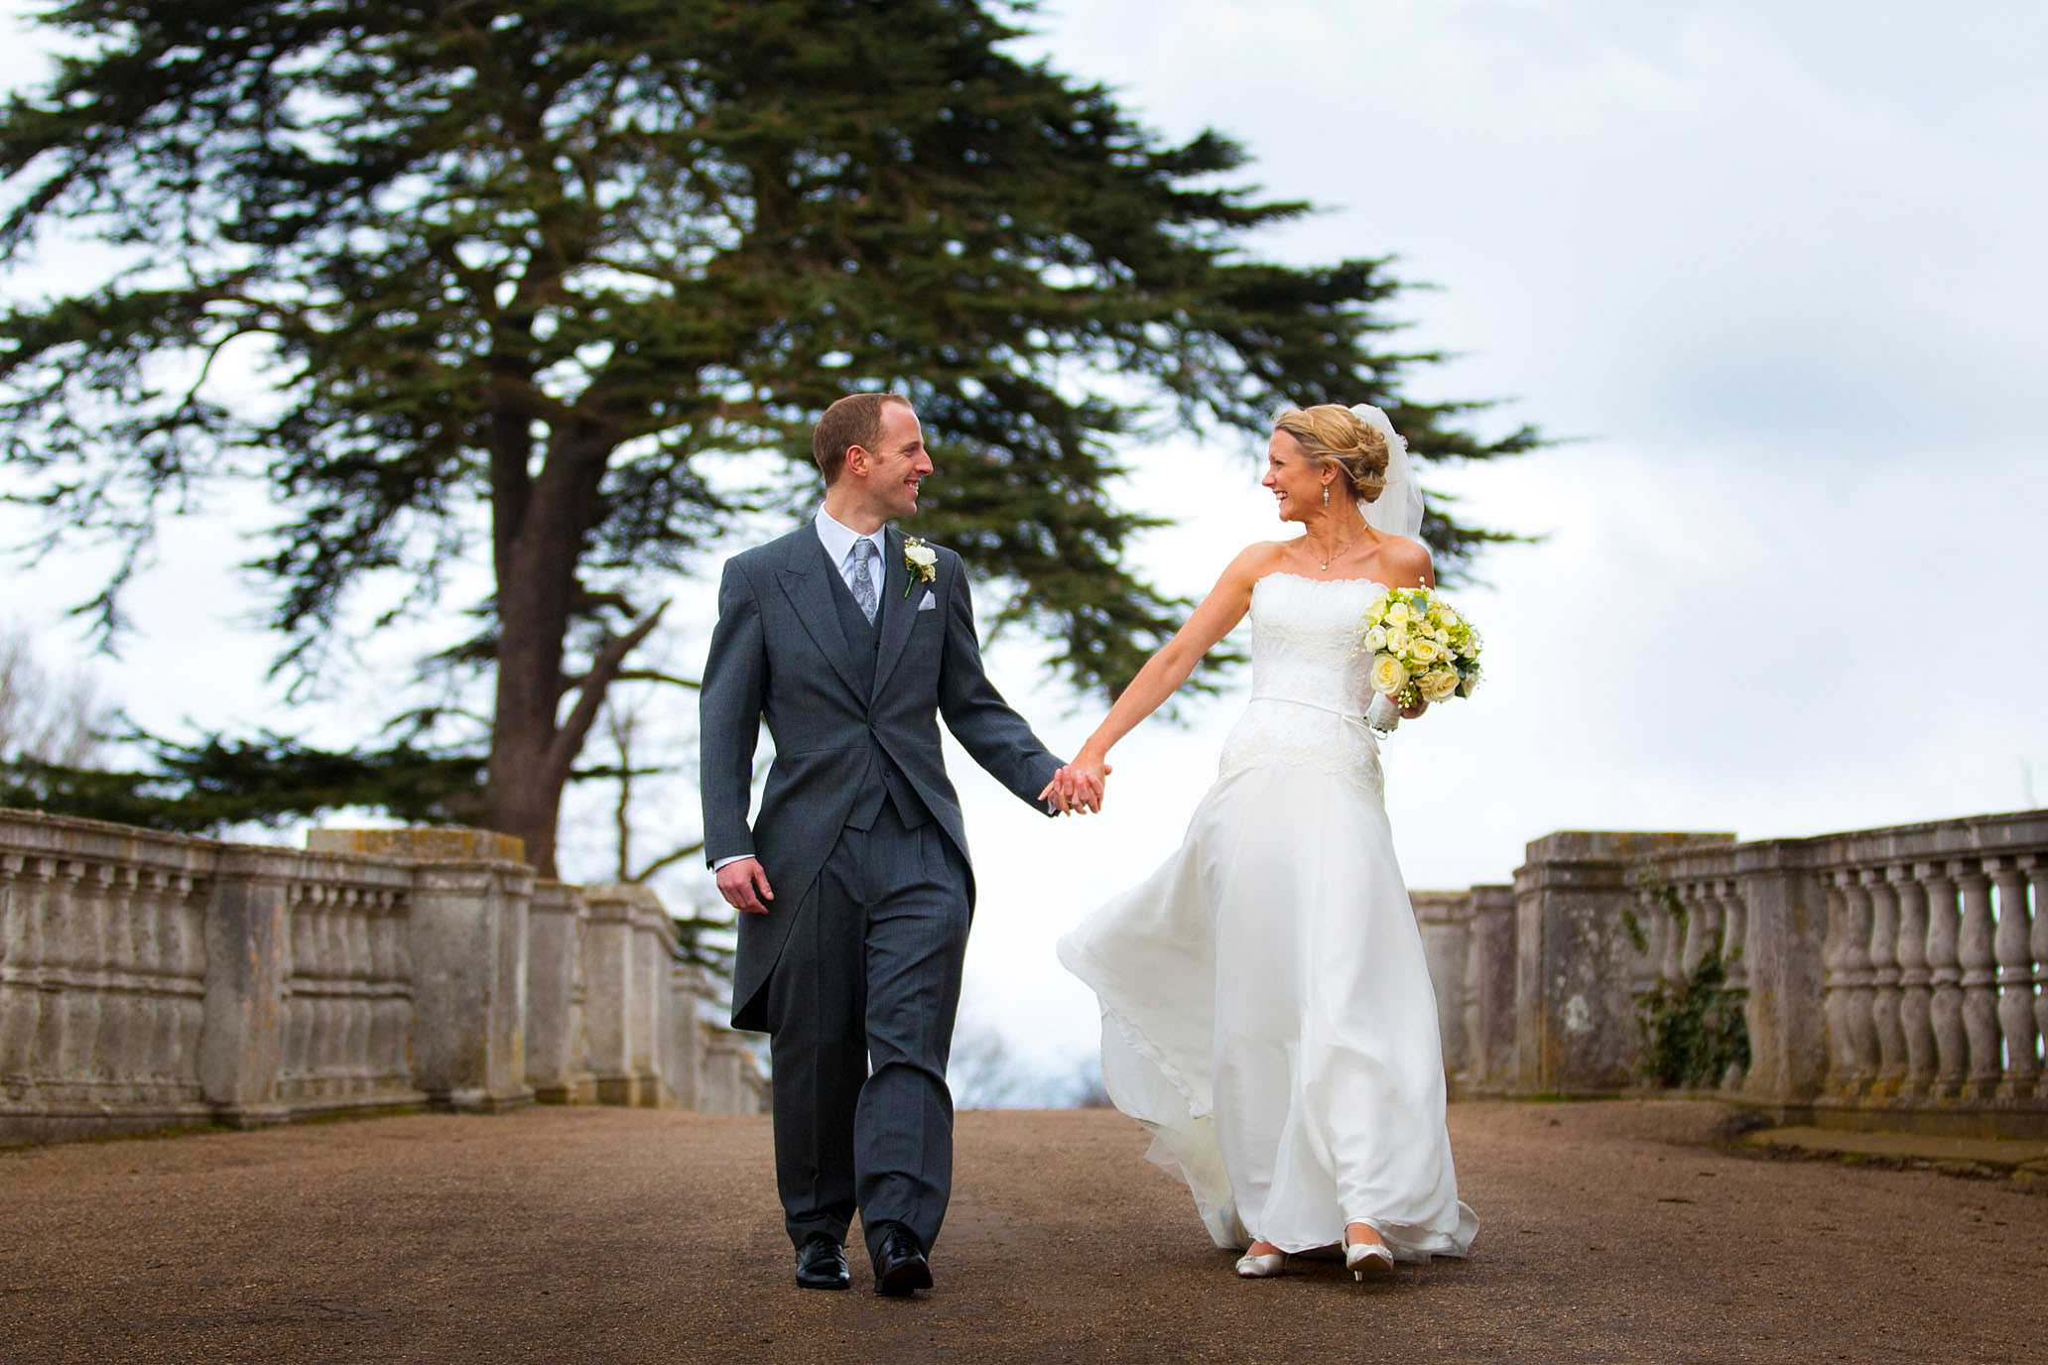 Brocket Hall wedding of Helen and Toby